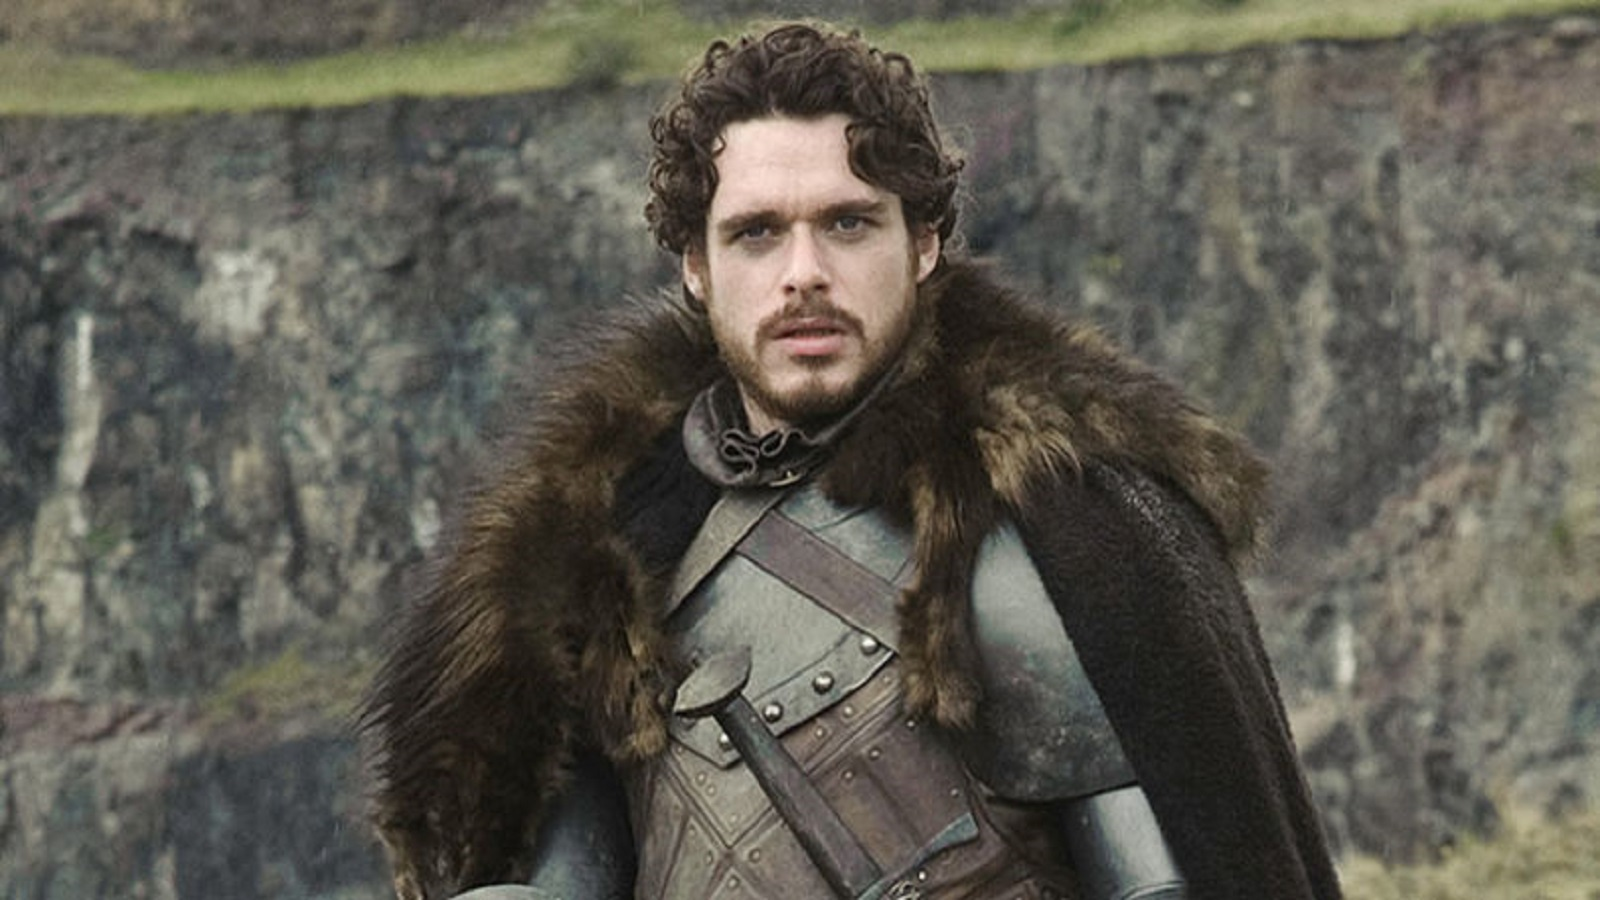 VÍDEO: ¡Los Reyes muertos, Stannis Baratheon y Robb Stark en Juego de Tronos!